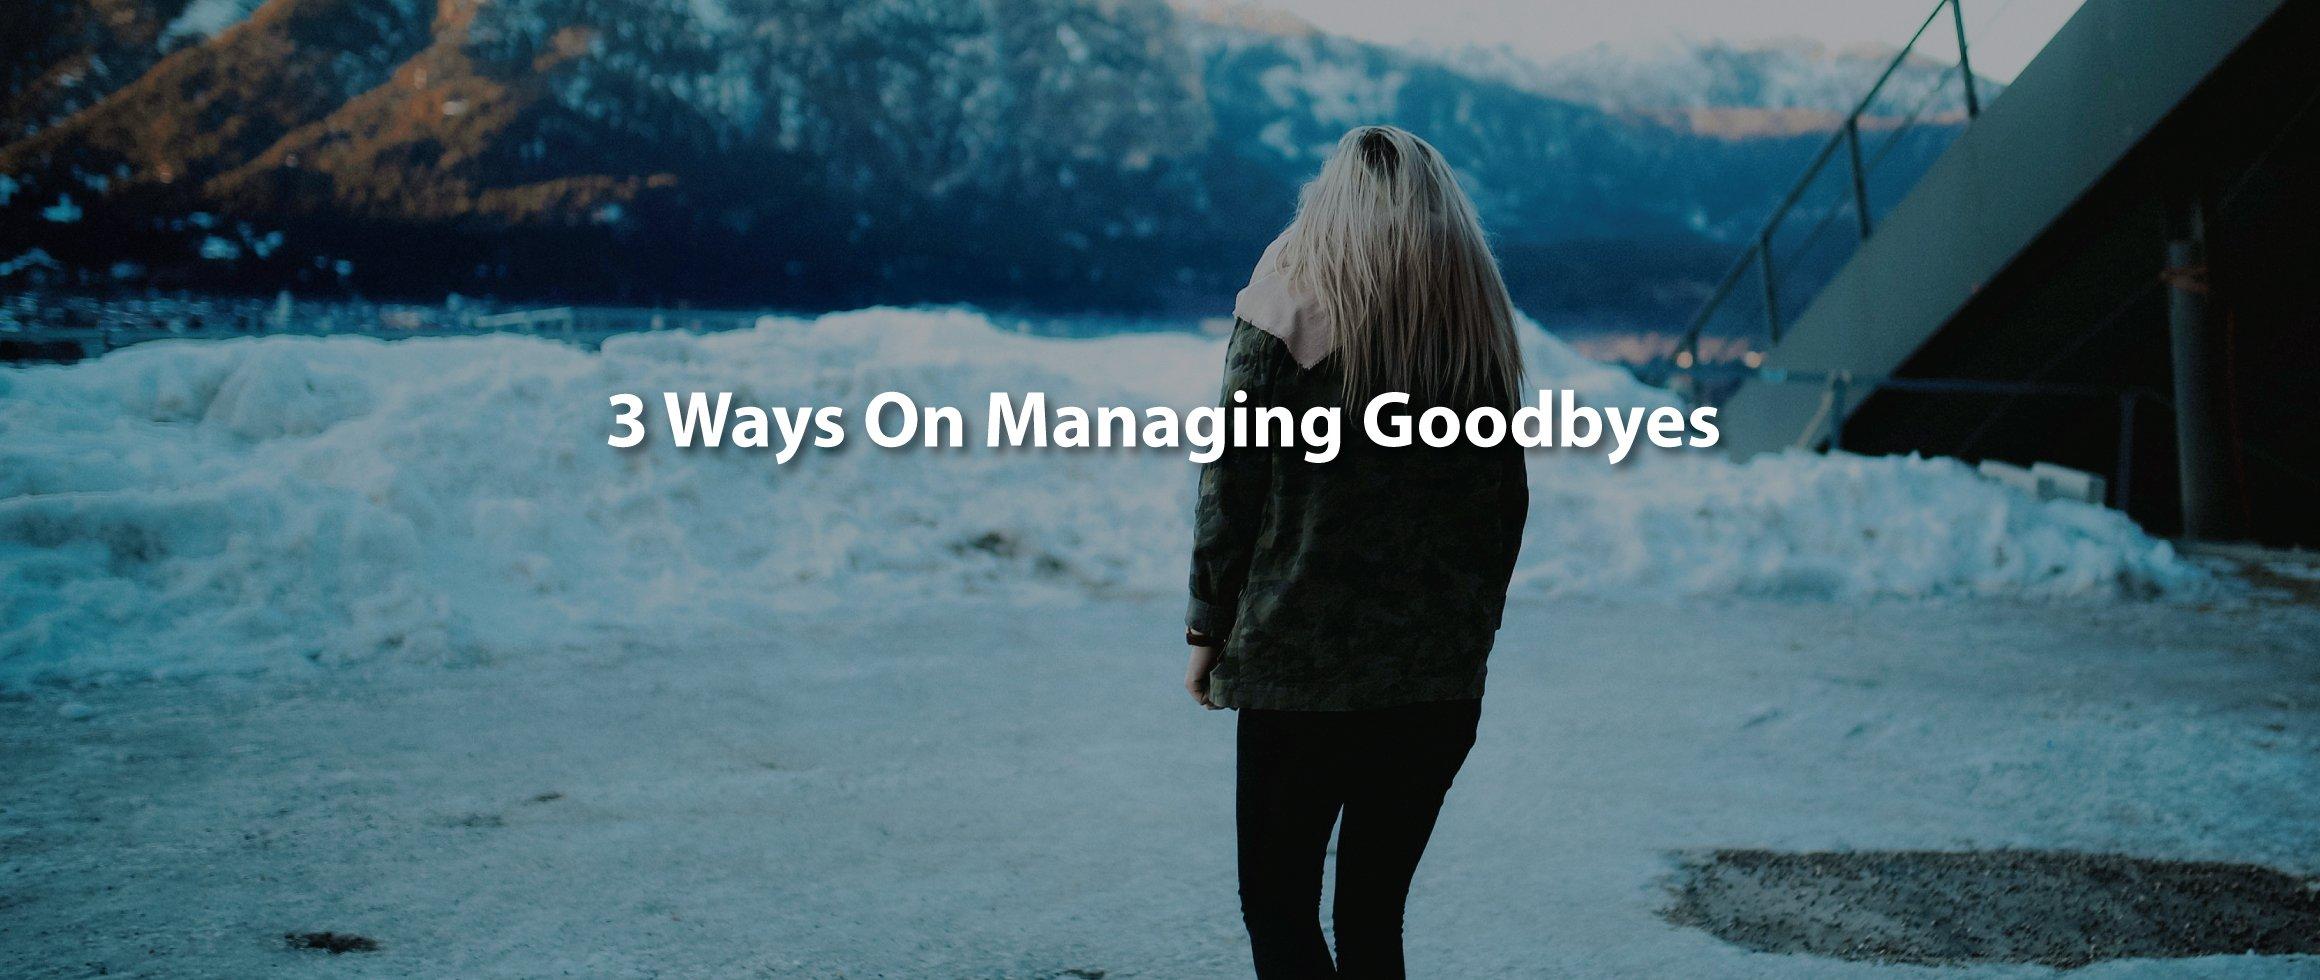 Ways On Managing Goodbyes